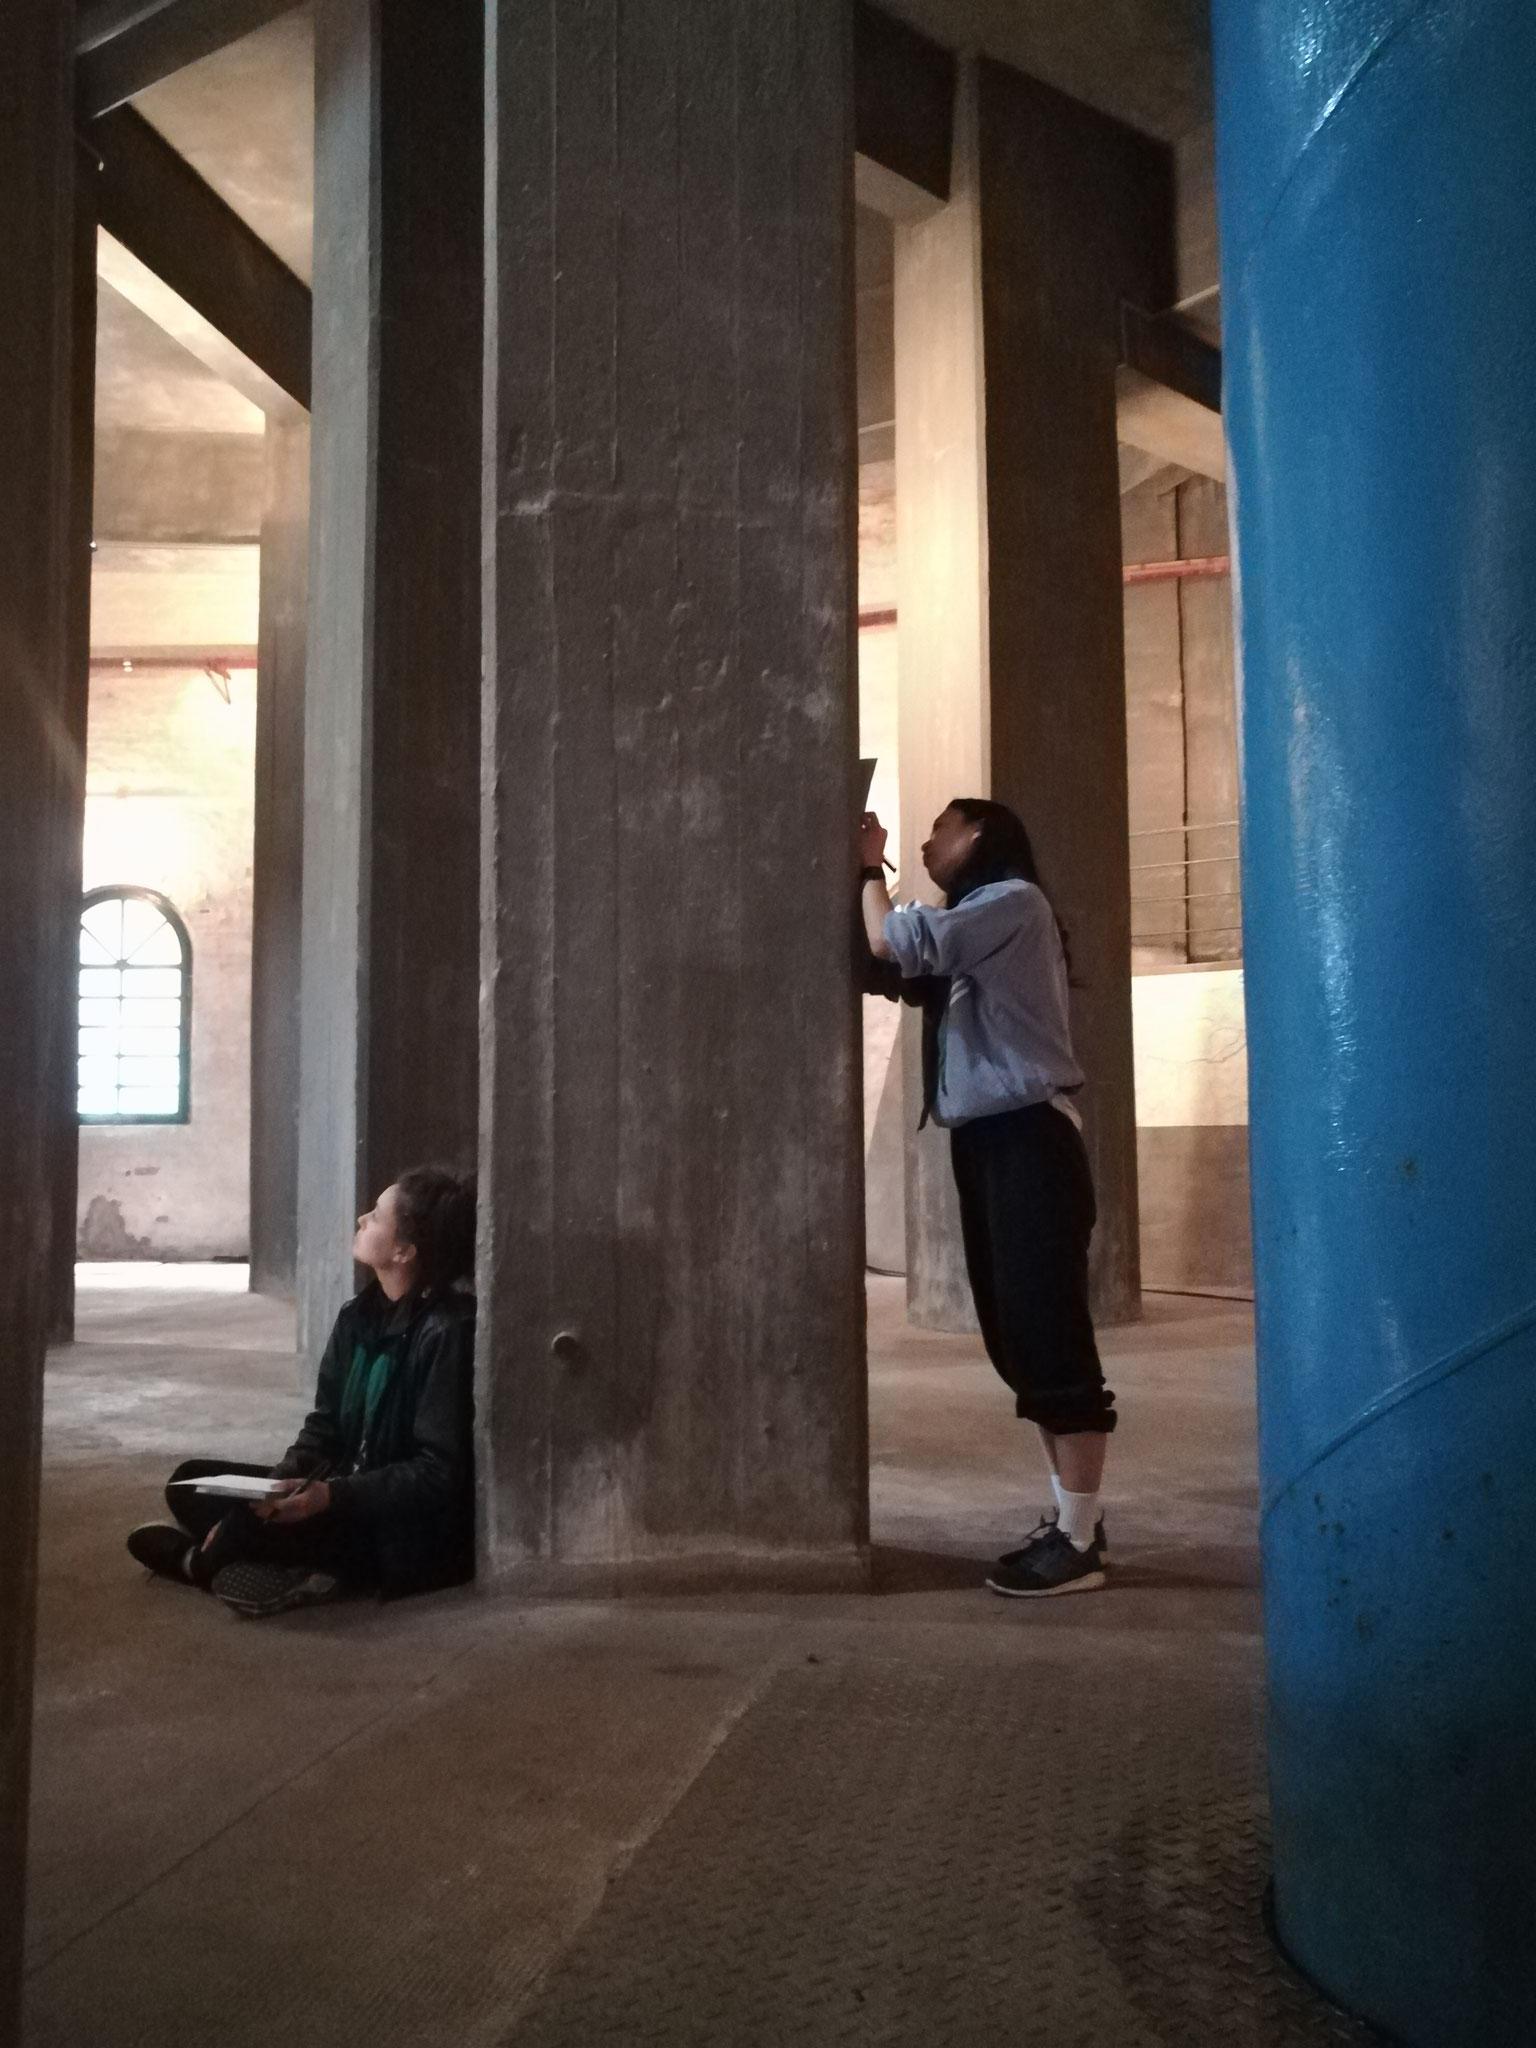 Probenschnappschuss Rika Yotsumoto, Donna-Mae Burrows im Wasserturm Süd